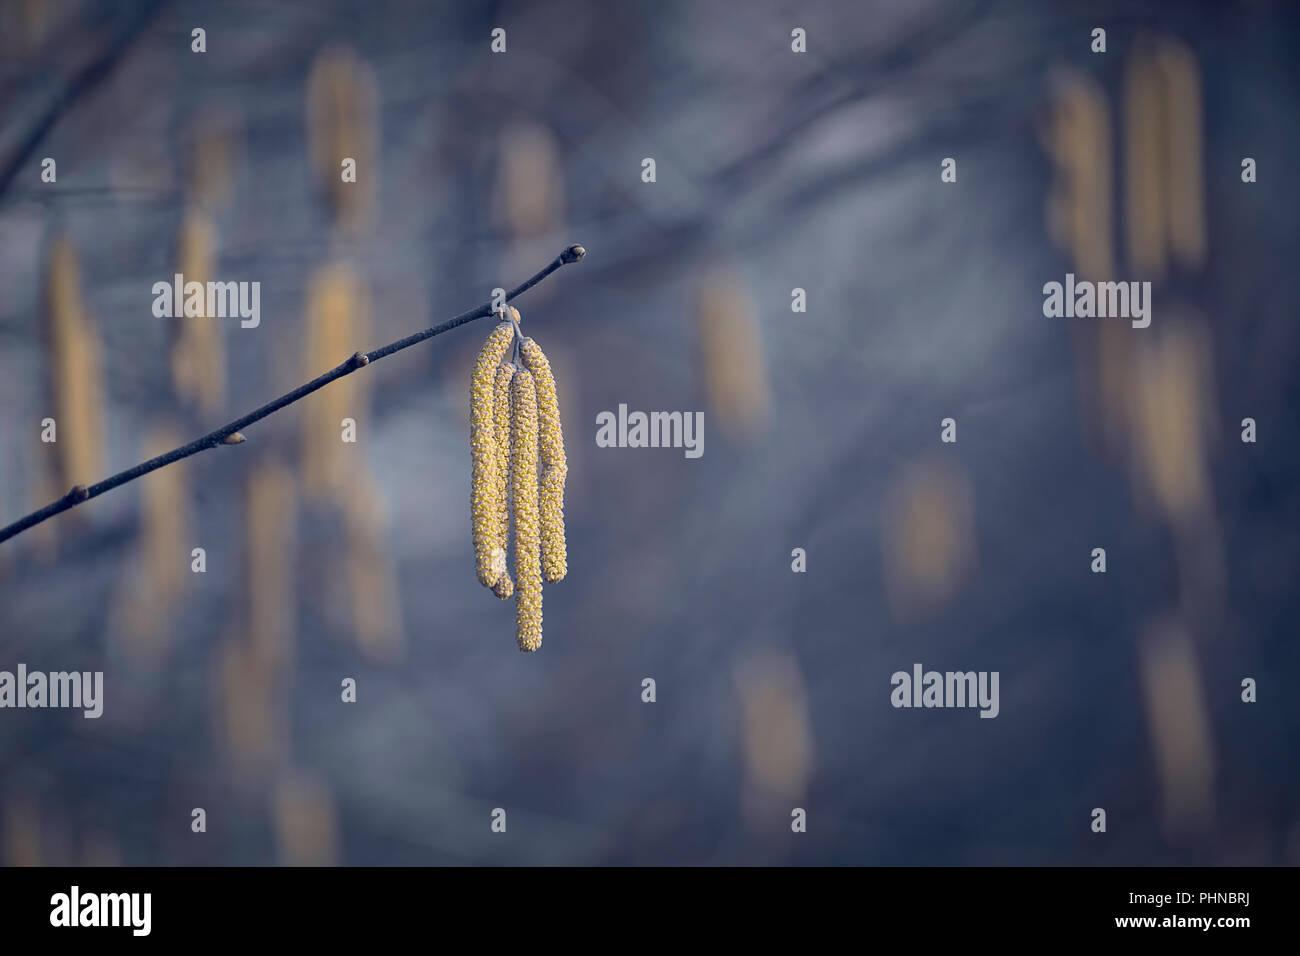 Direction générale de la solitaire avec des graines dans une ambiance d'hiver avare Photo Stock